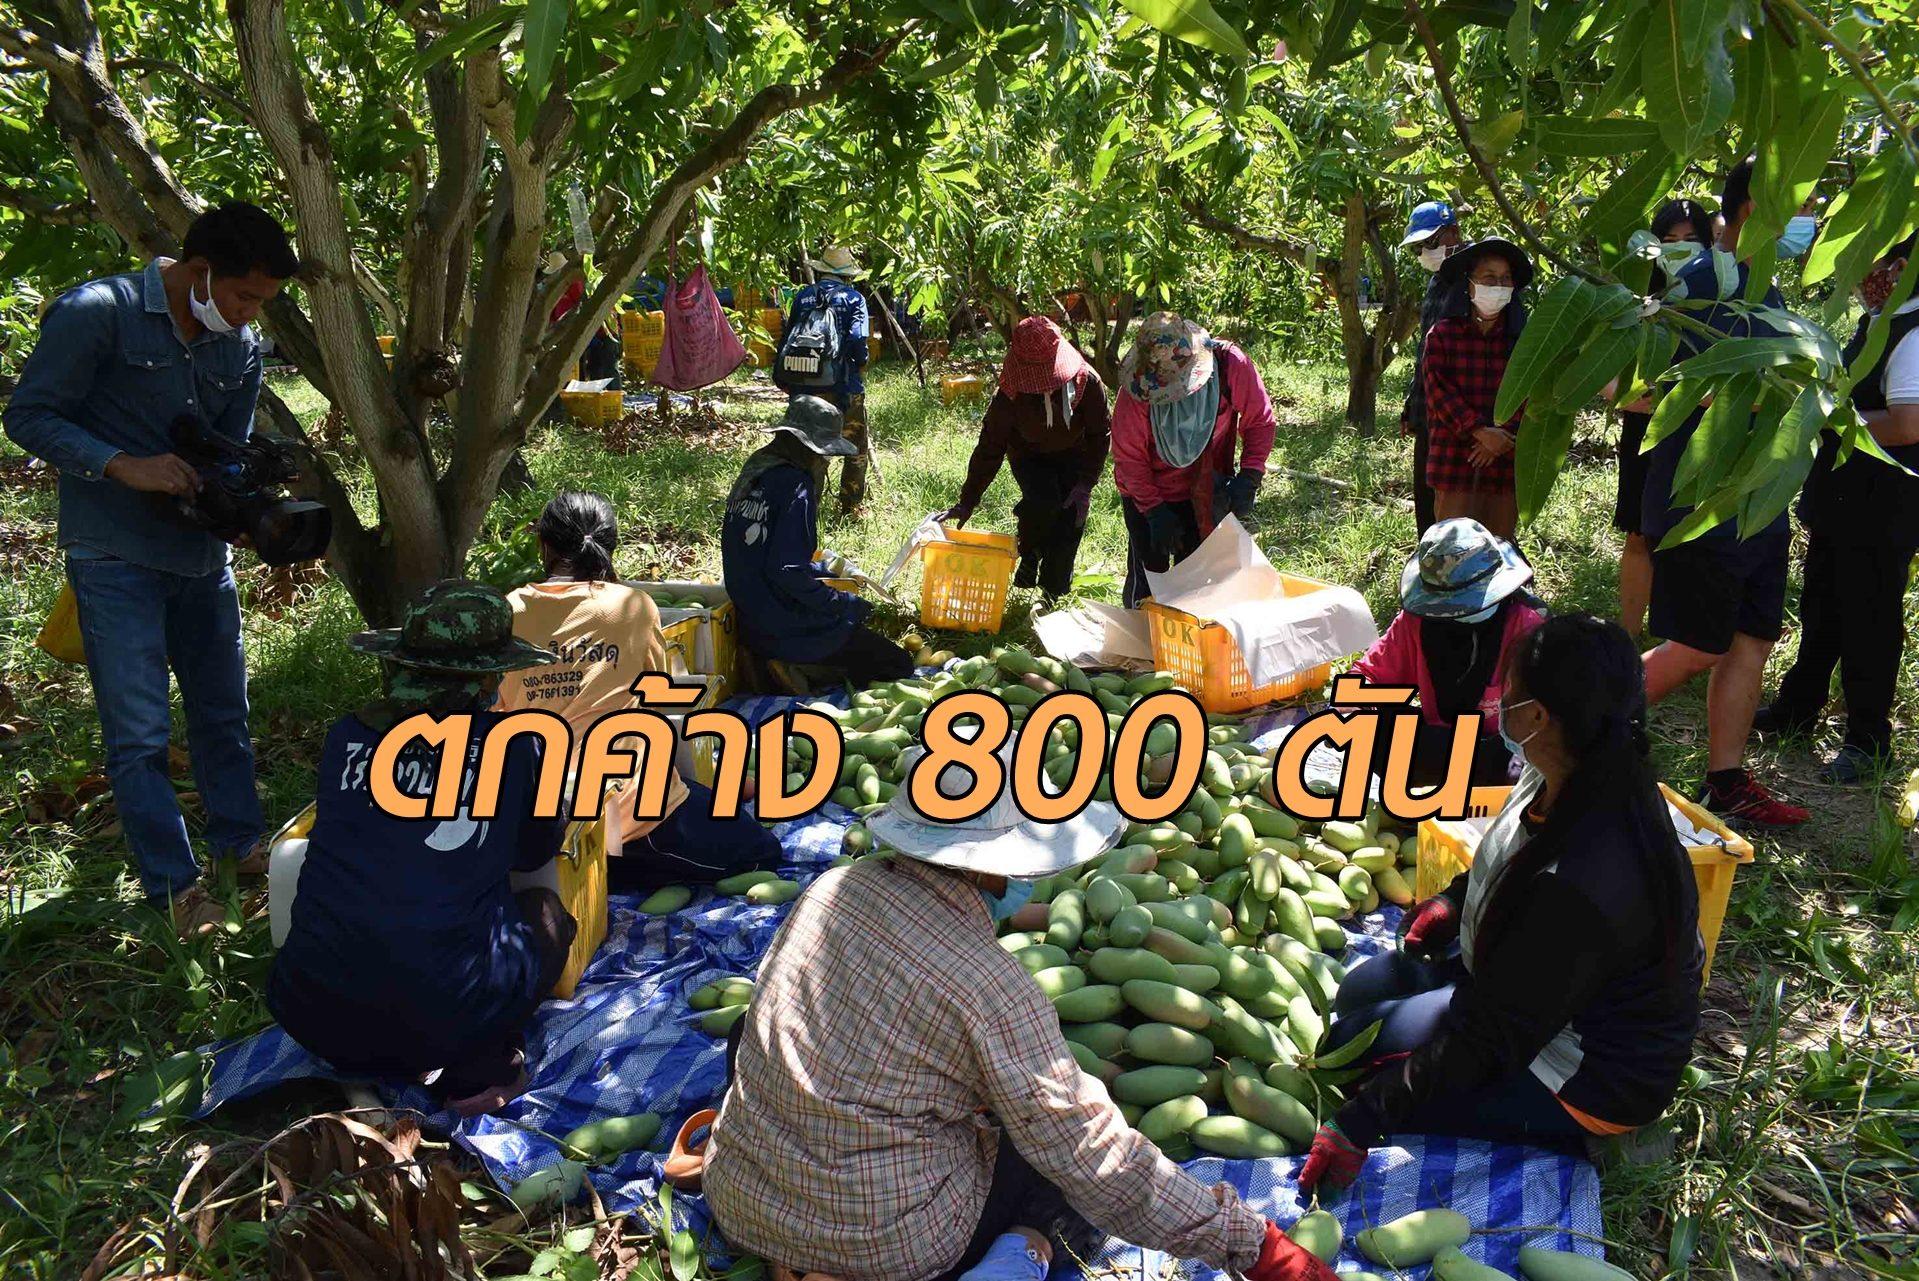 สุดช้ำ!โควิดพ่นพิษ ชาวสวนมะม่วงน้ำตาตก ตลาดรับซื้อปิด ผลผลิตตกค้าง 800 ตัน